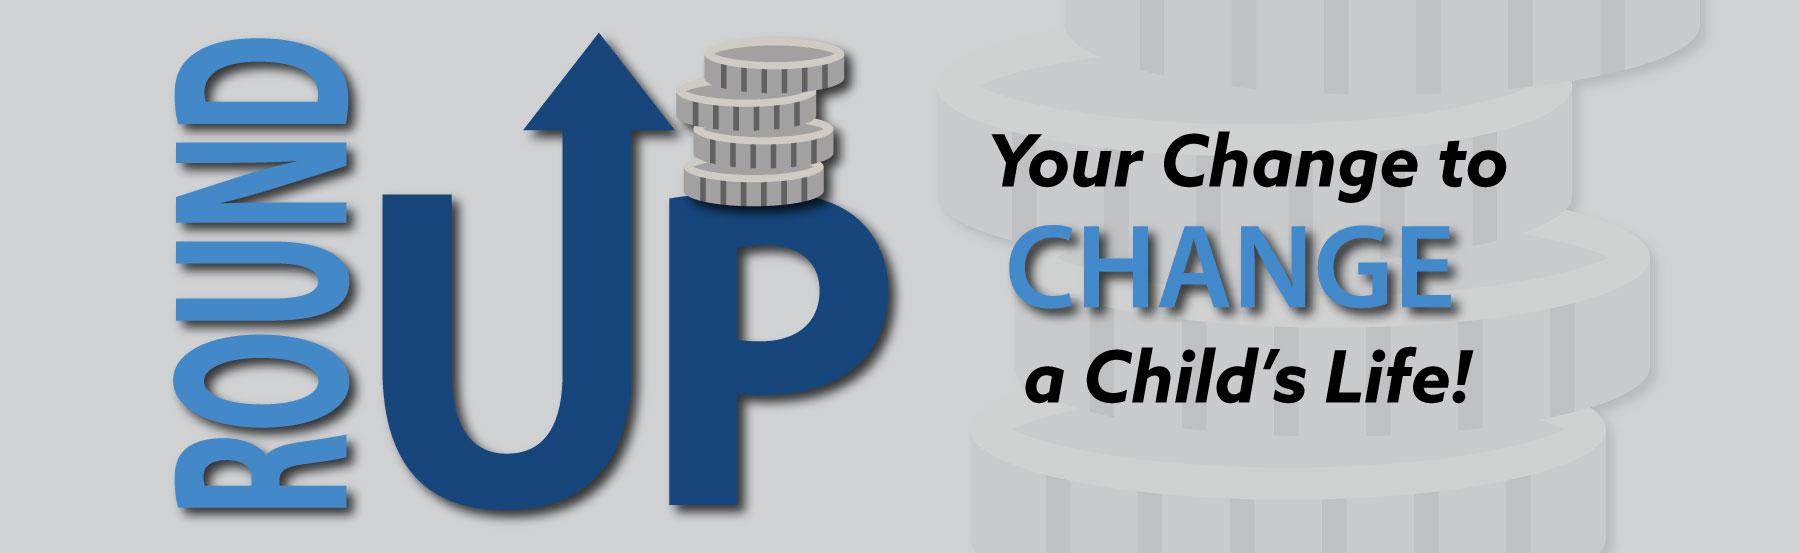 Round-Up-Change-Dev-Page